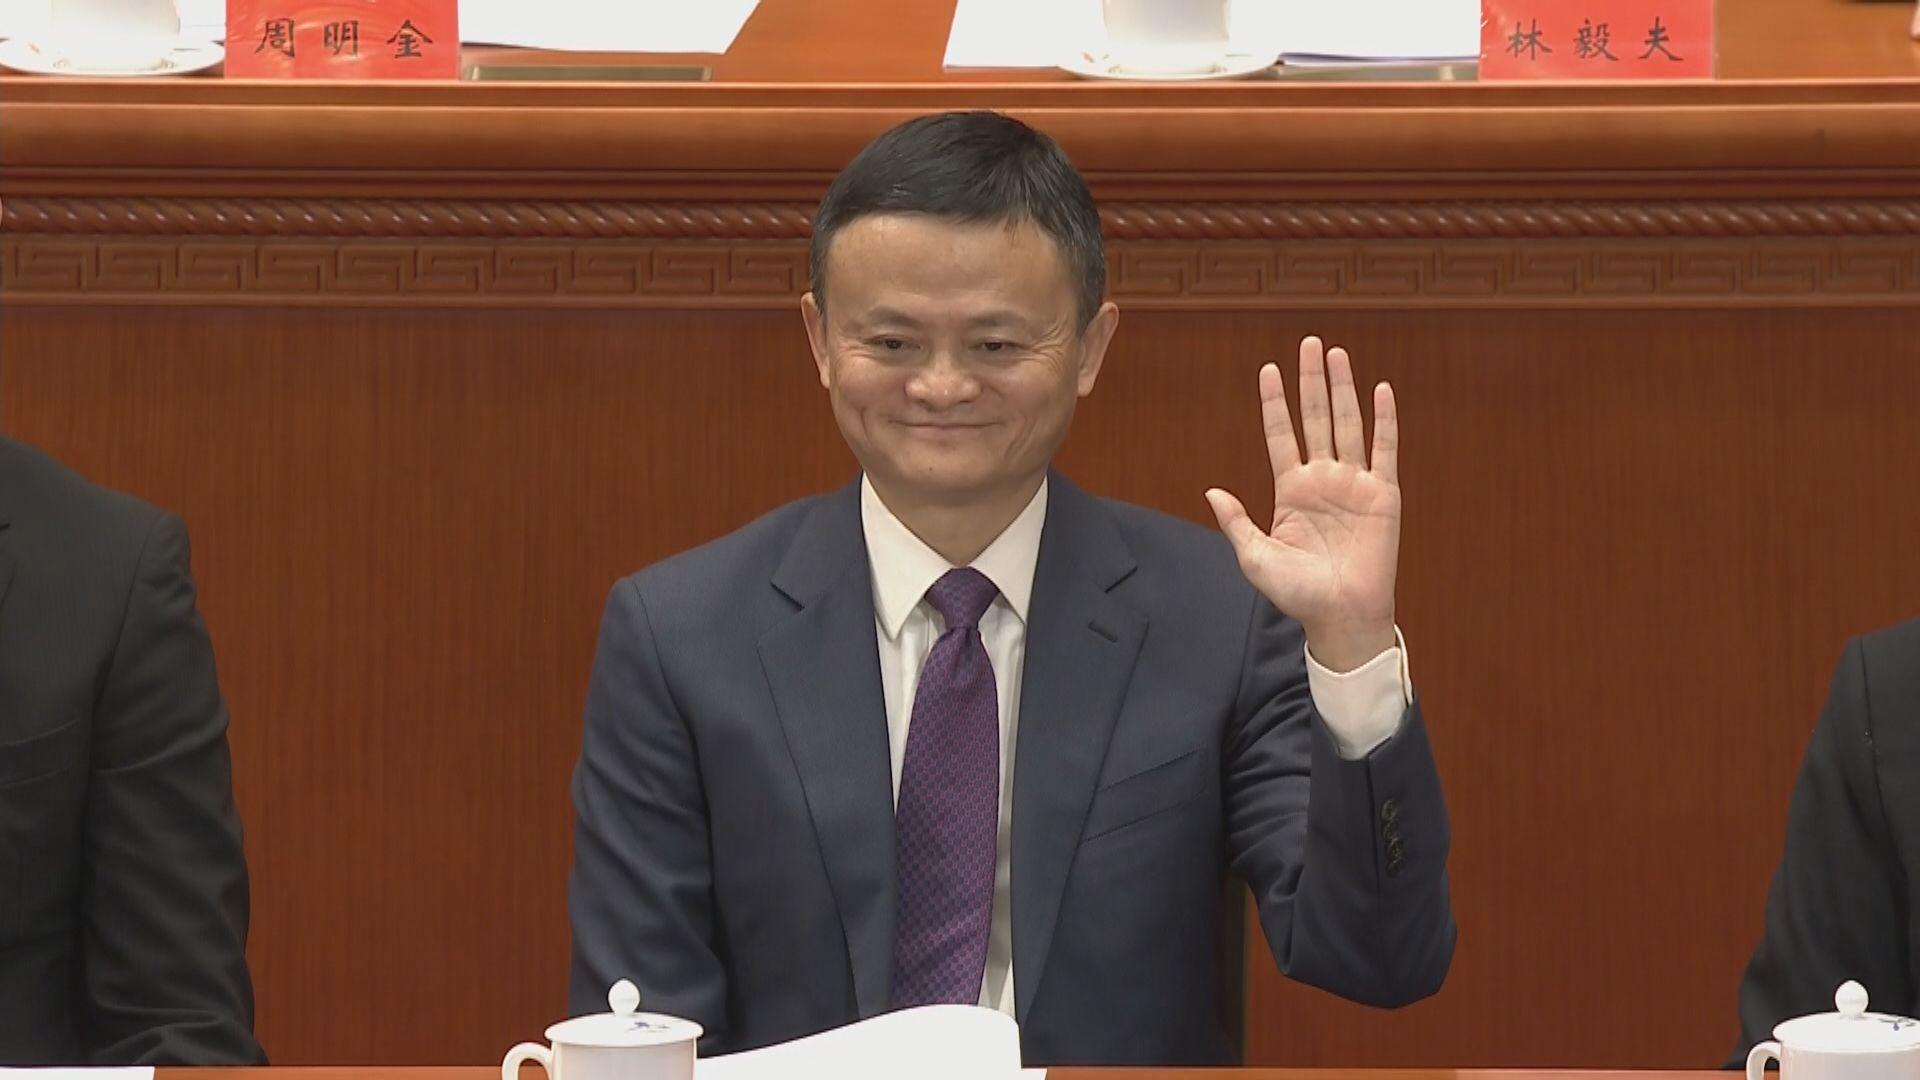 【傳奇人物】阿里巴巴創辦人兼主席馬雲退休